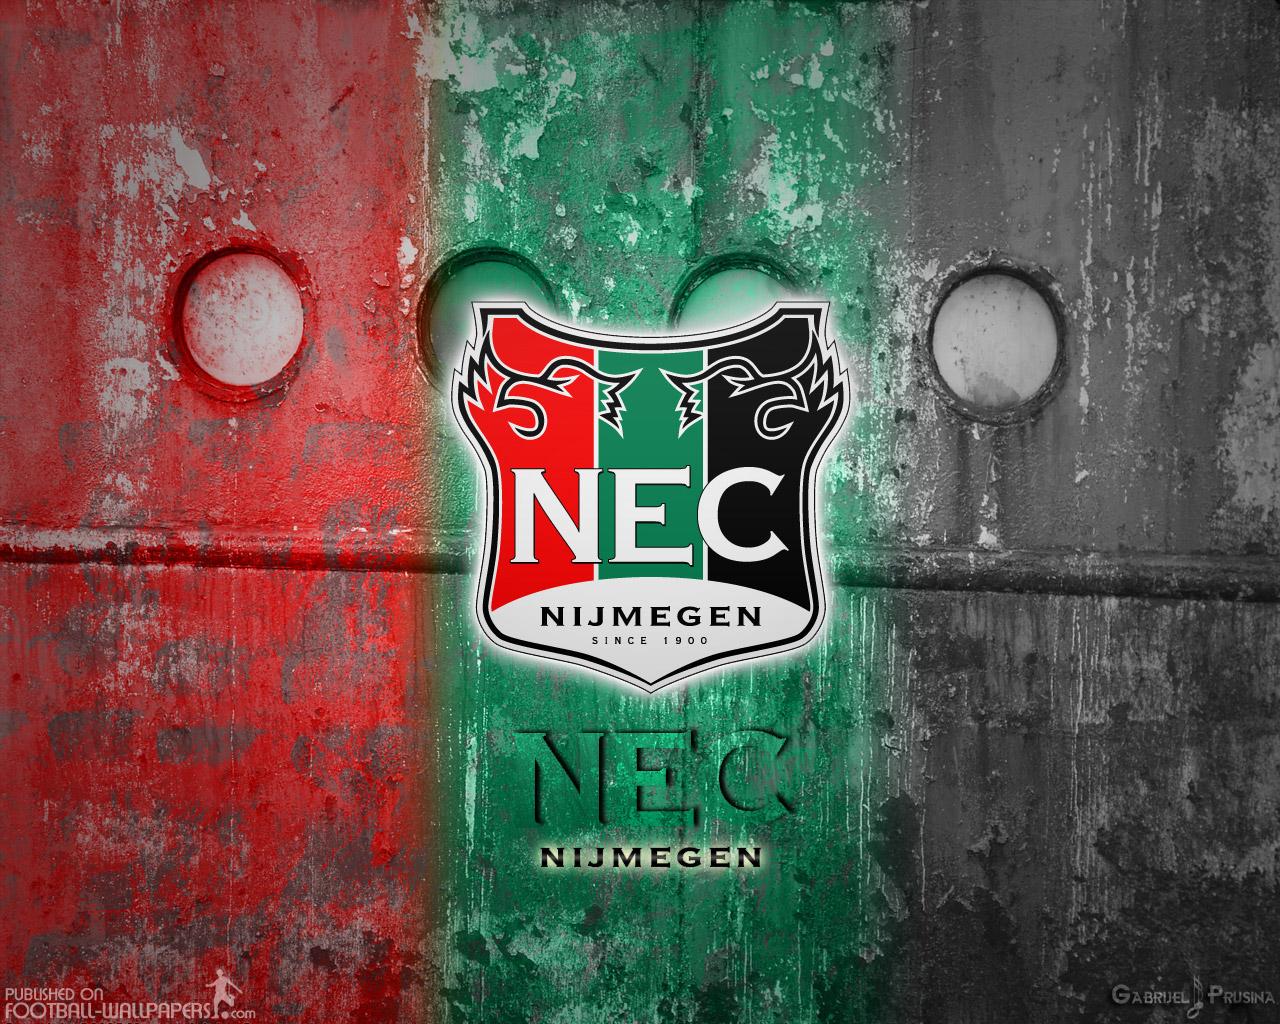 Image - NEC Nijmegen Logo Wallpaper 001.jpg